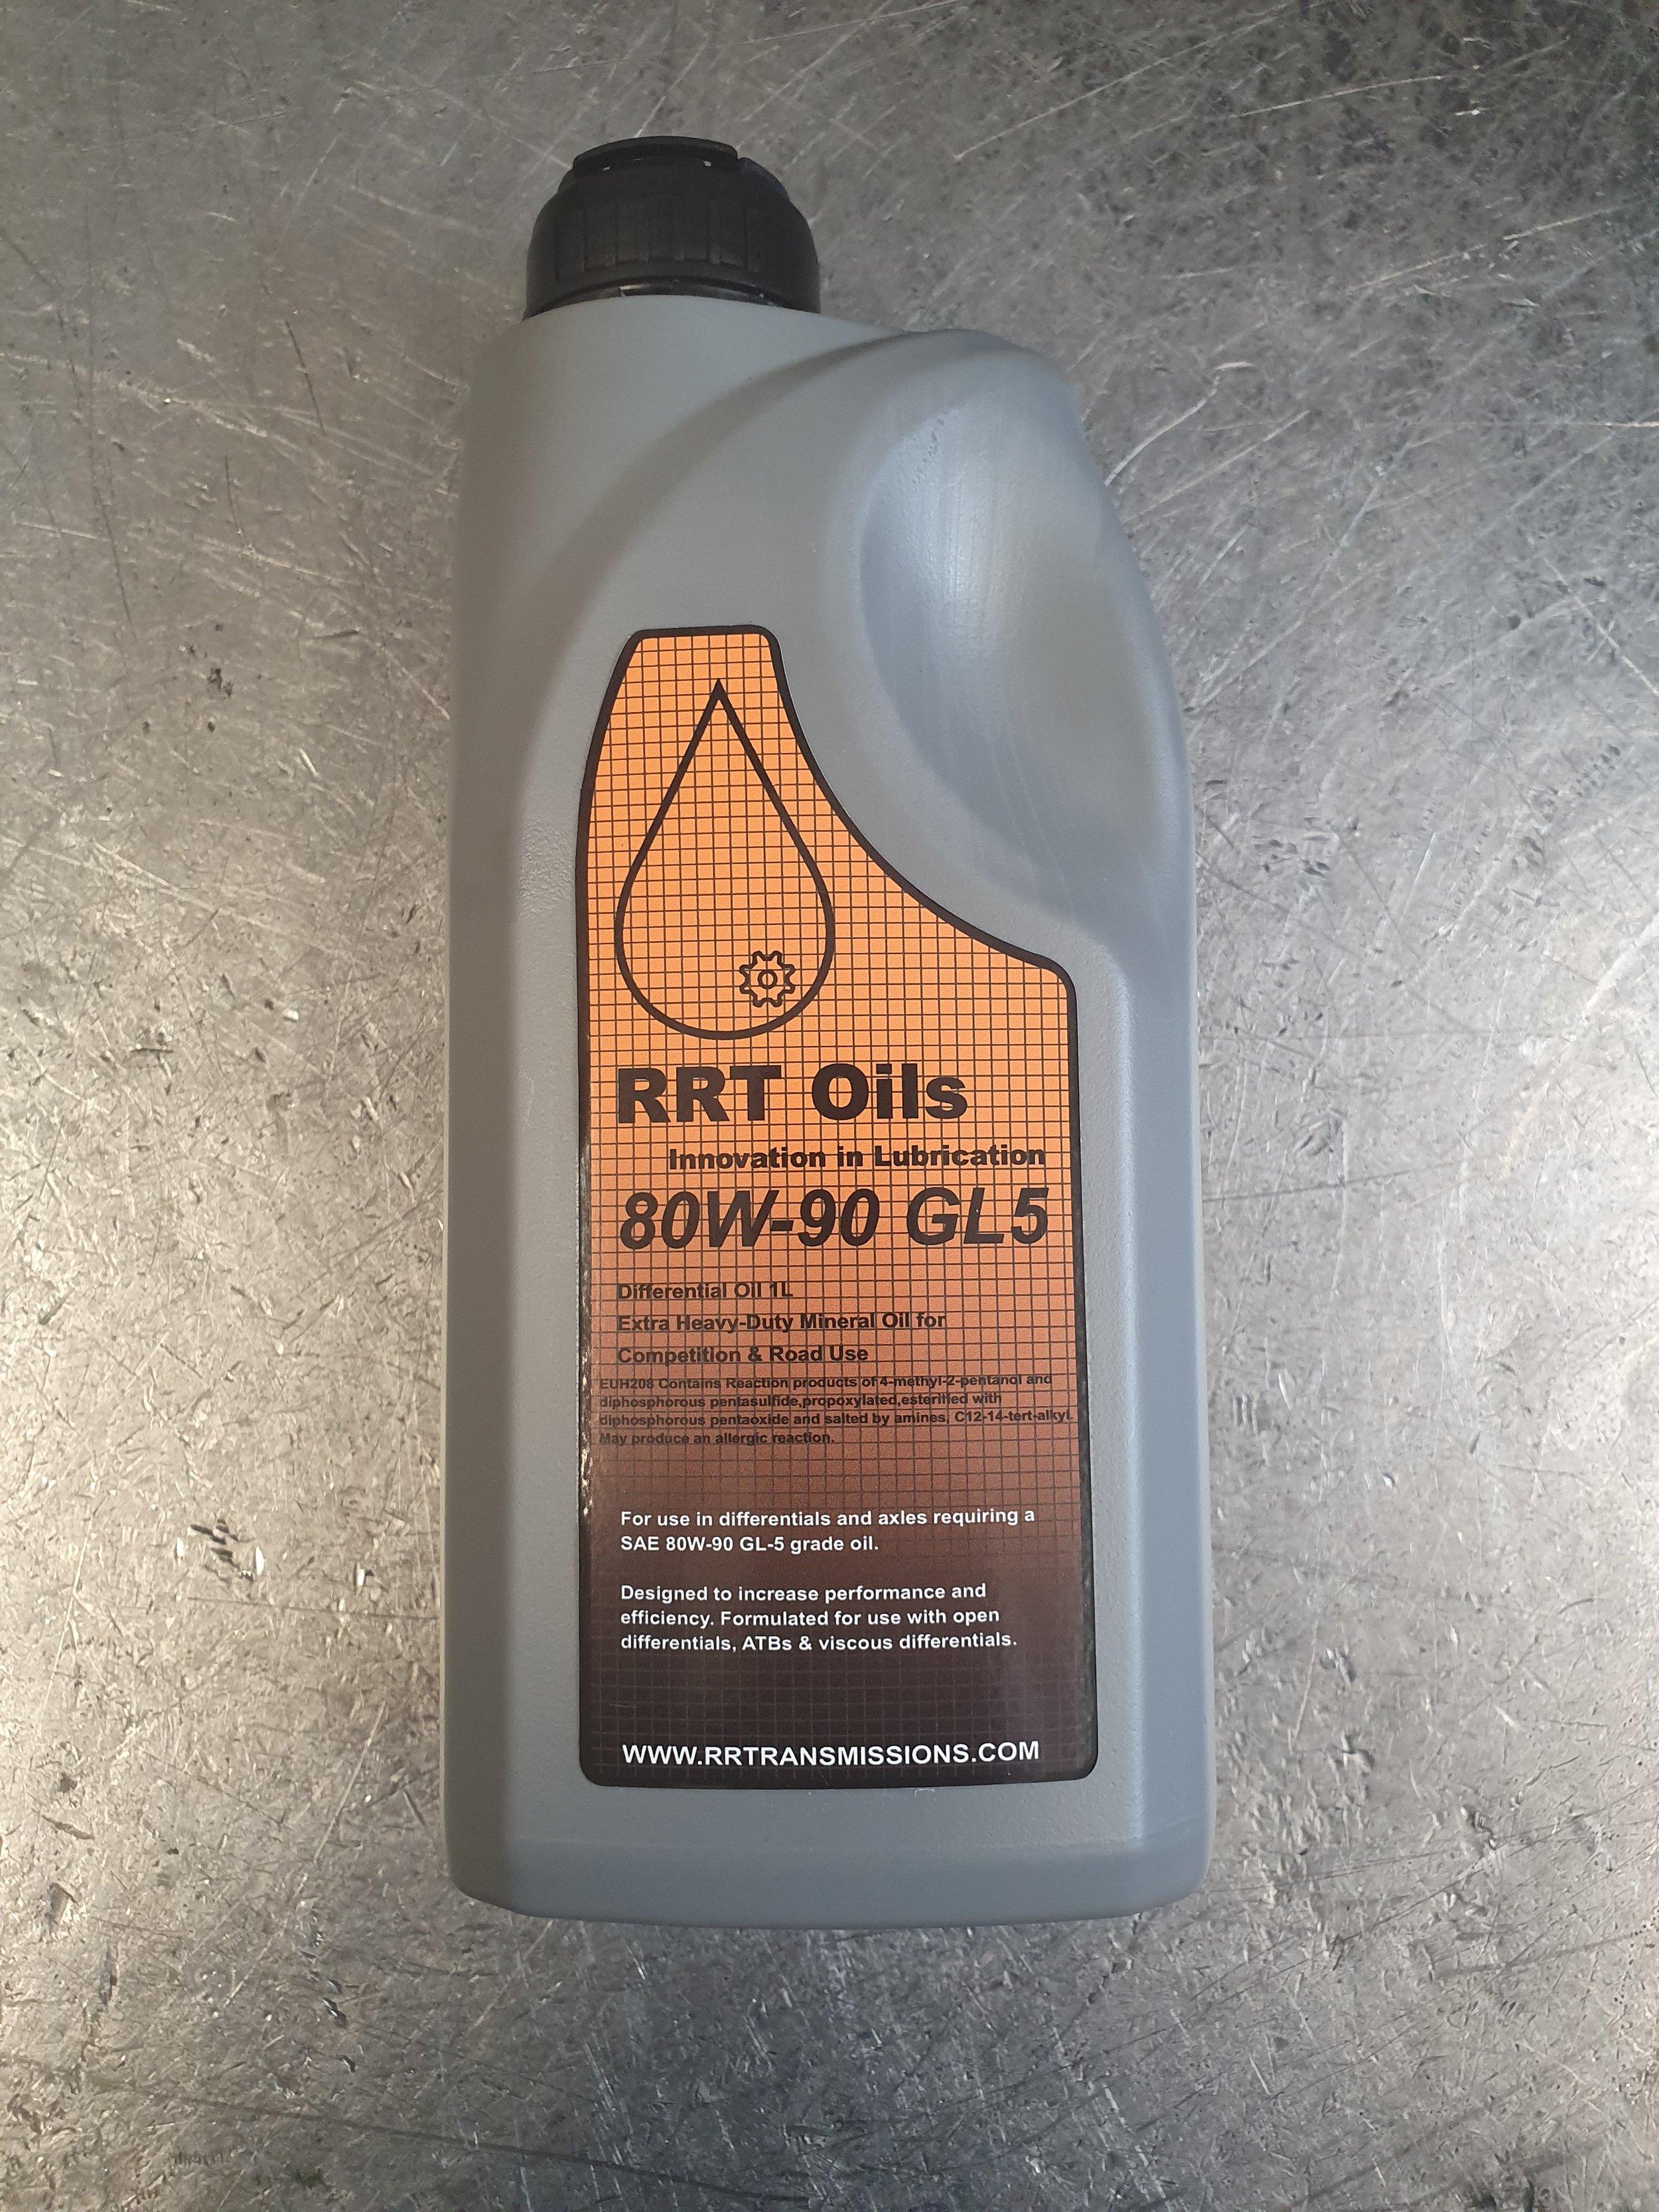 RRTOils HD80W-90 GL5.jpg